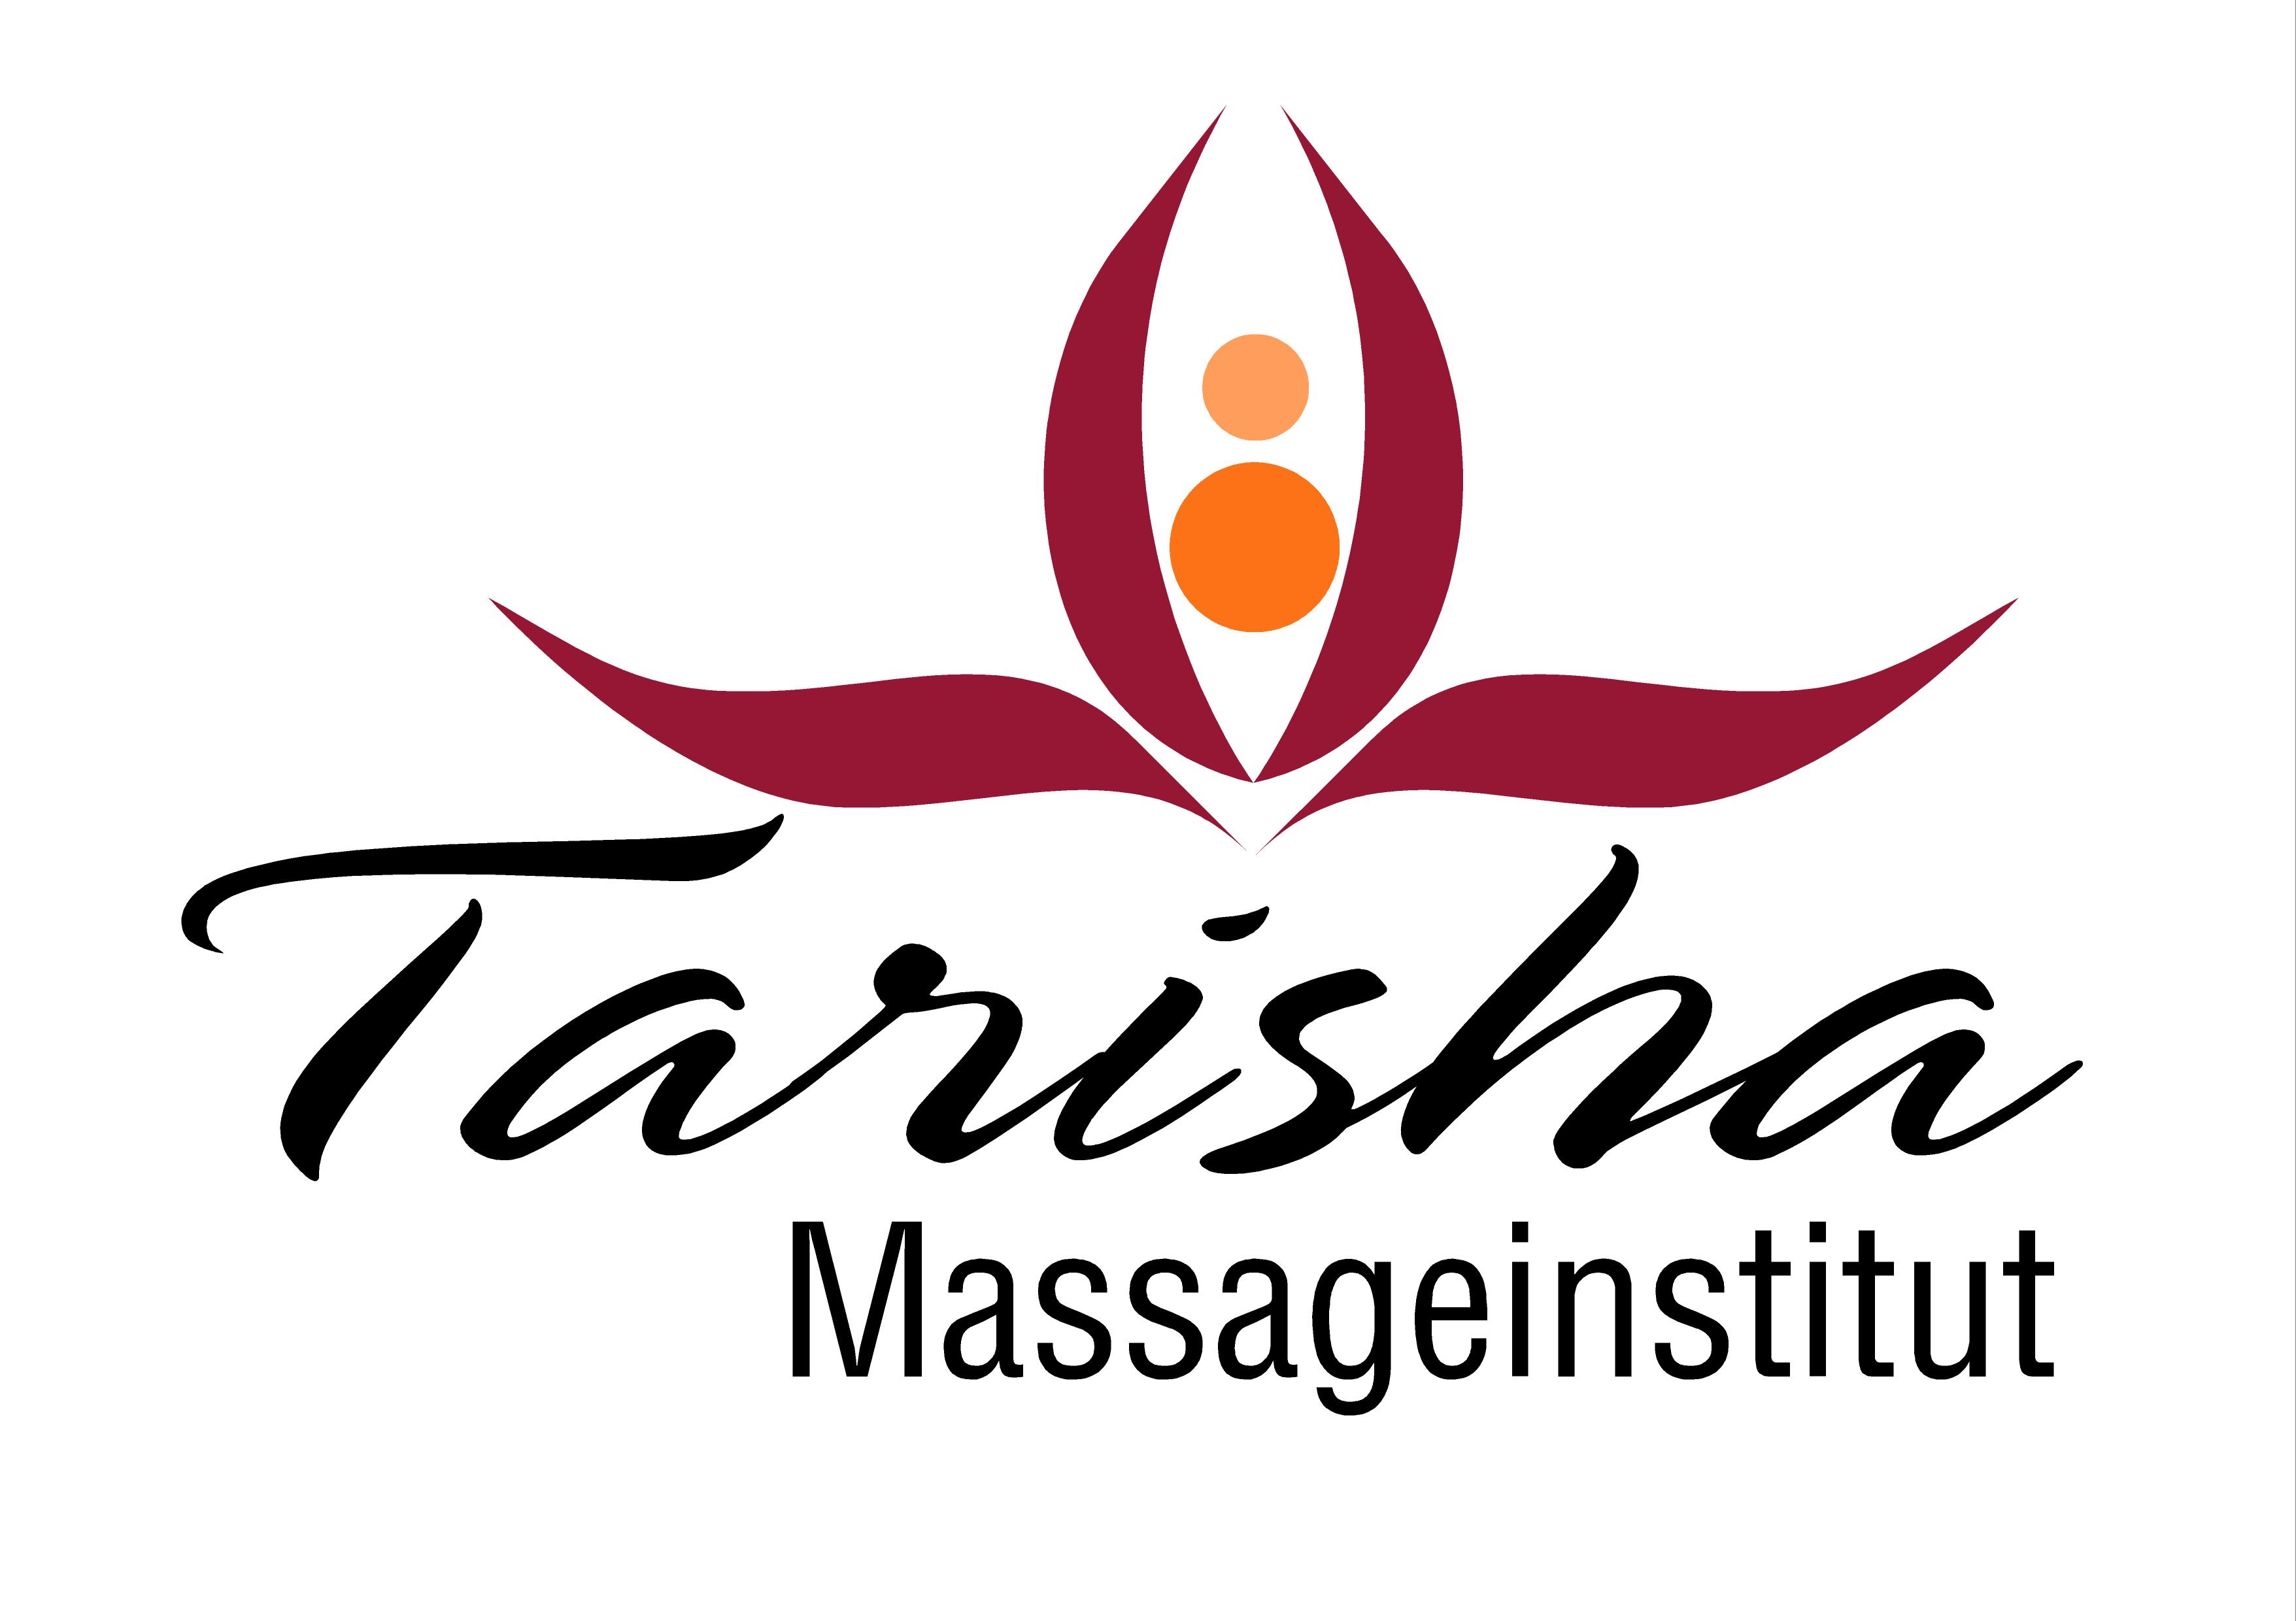 Tarisha Massageinstitut Nürnberg Nürnberg